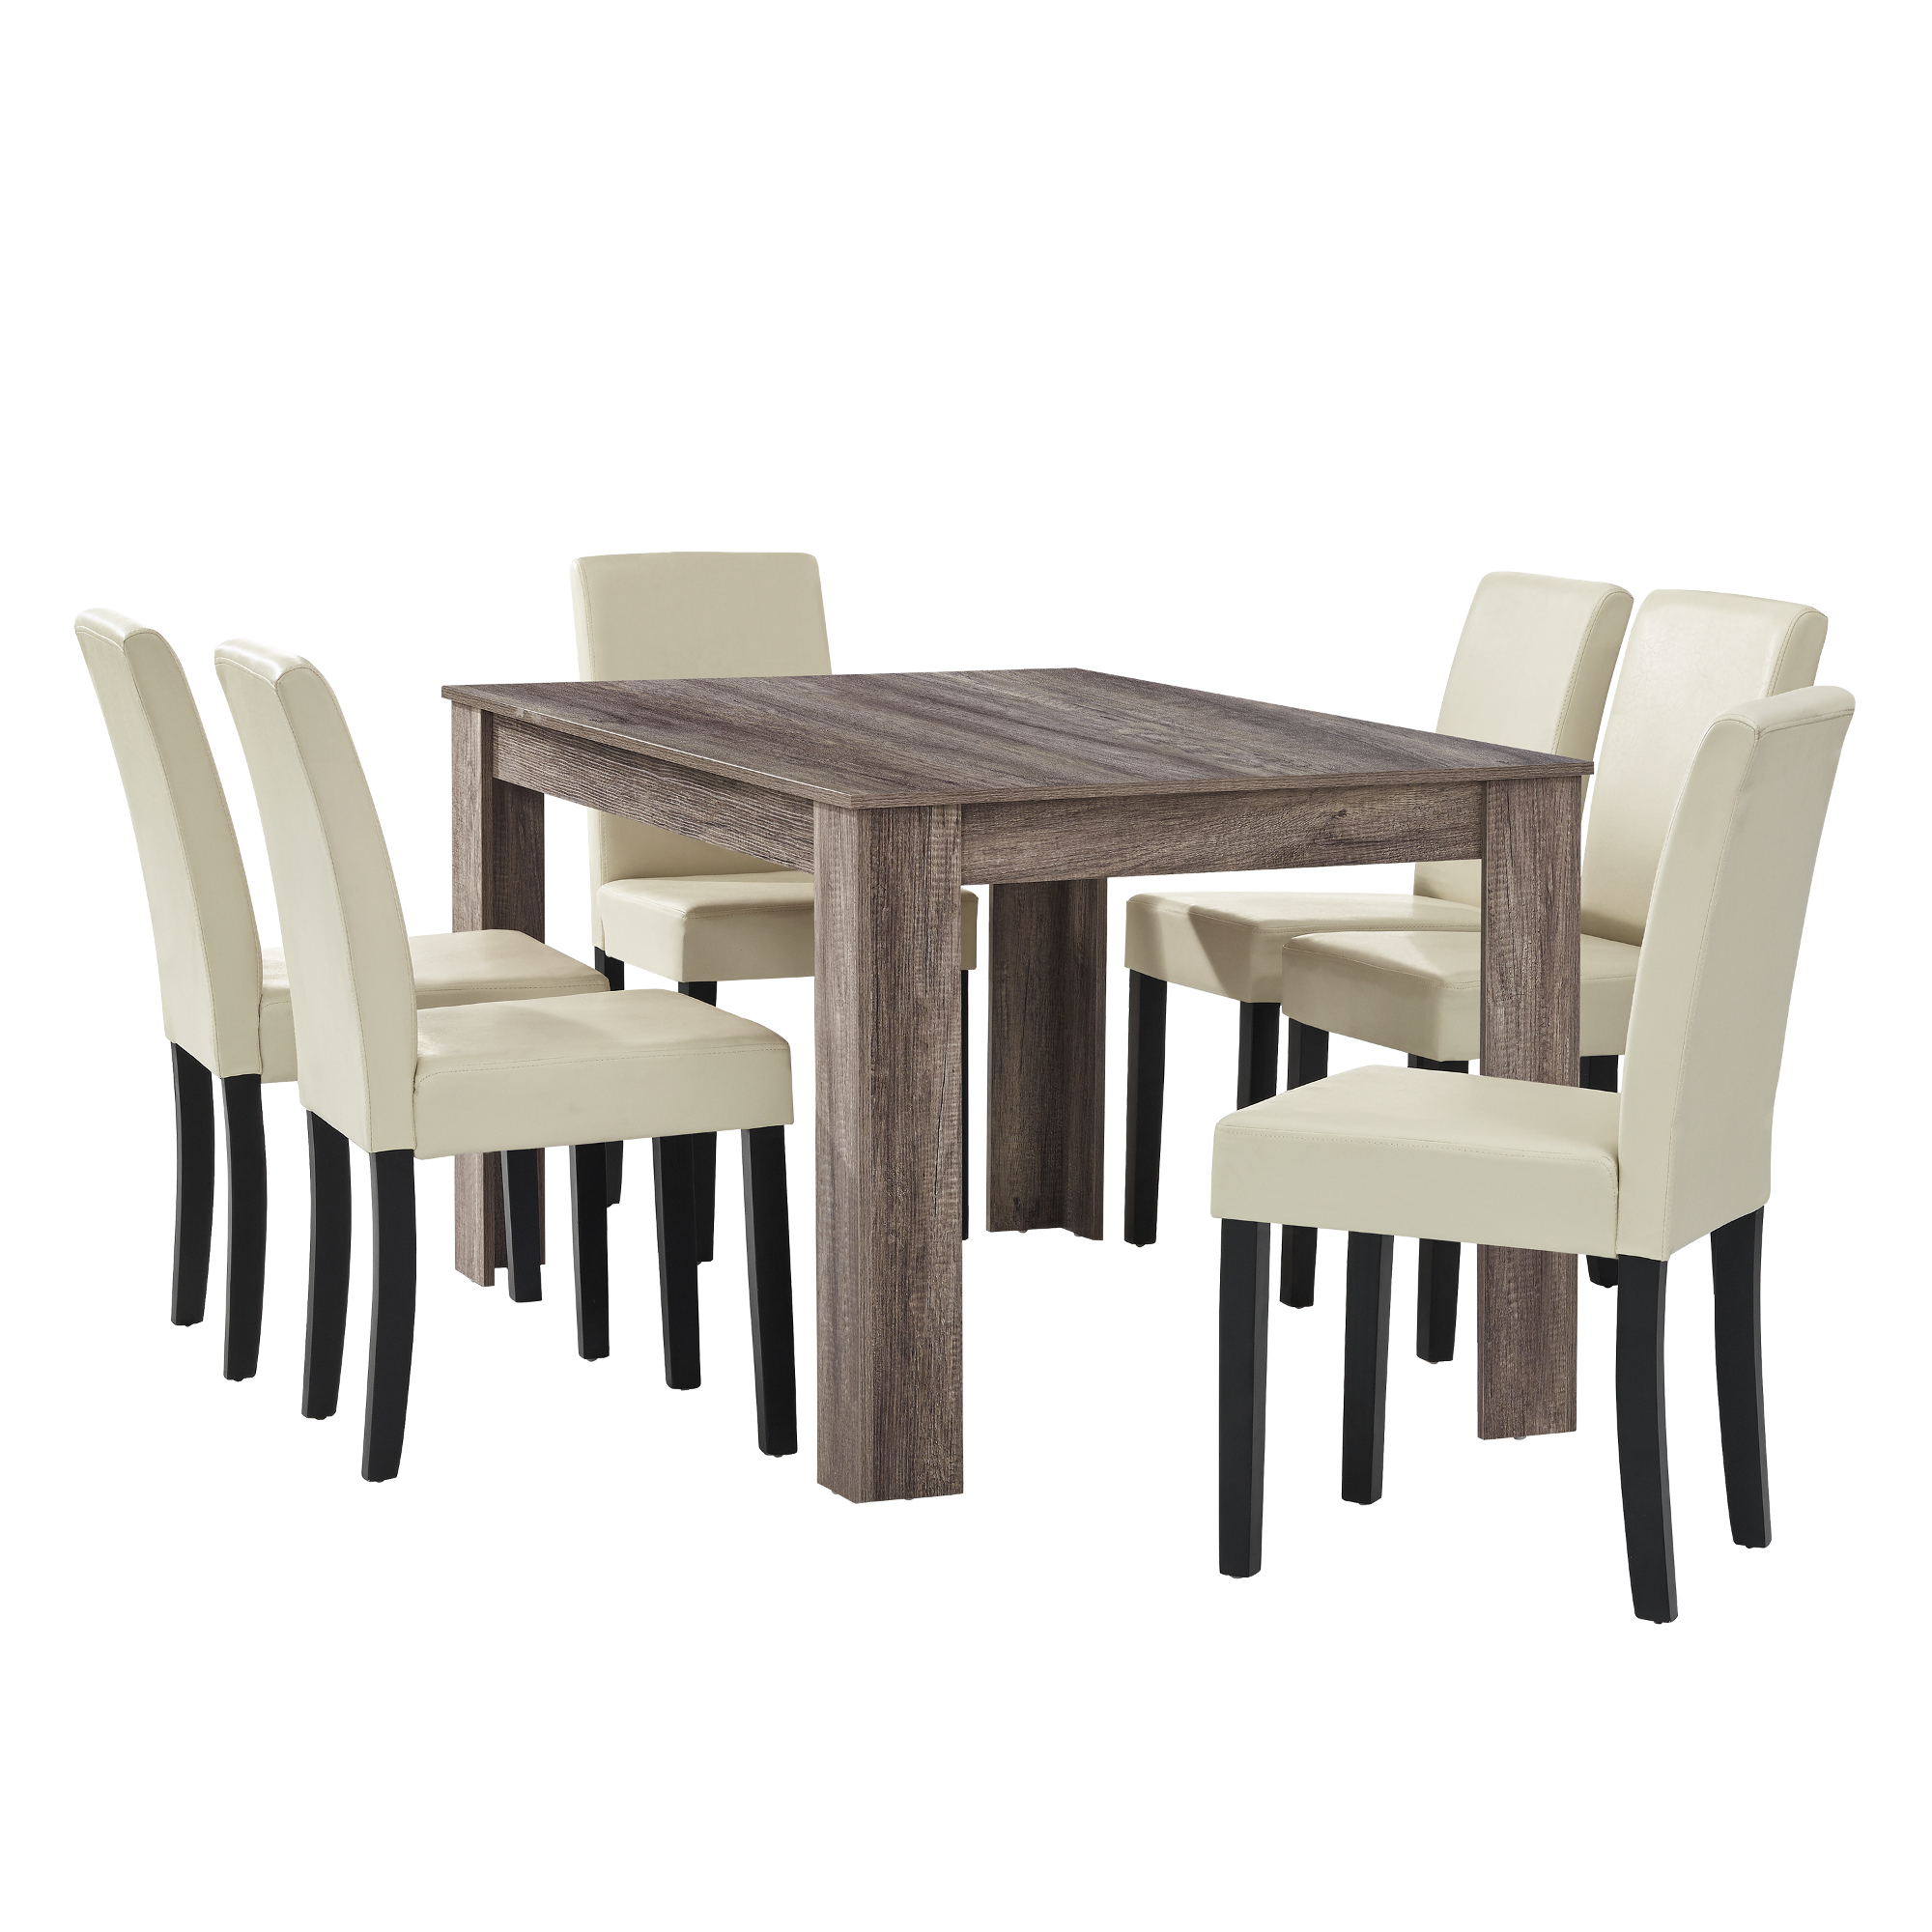 en.casa] Esstisch antik Eiche mit 6 Stühlen creme [140x90] Tisch ...